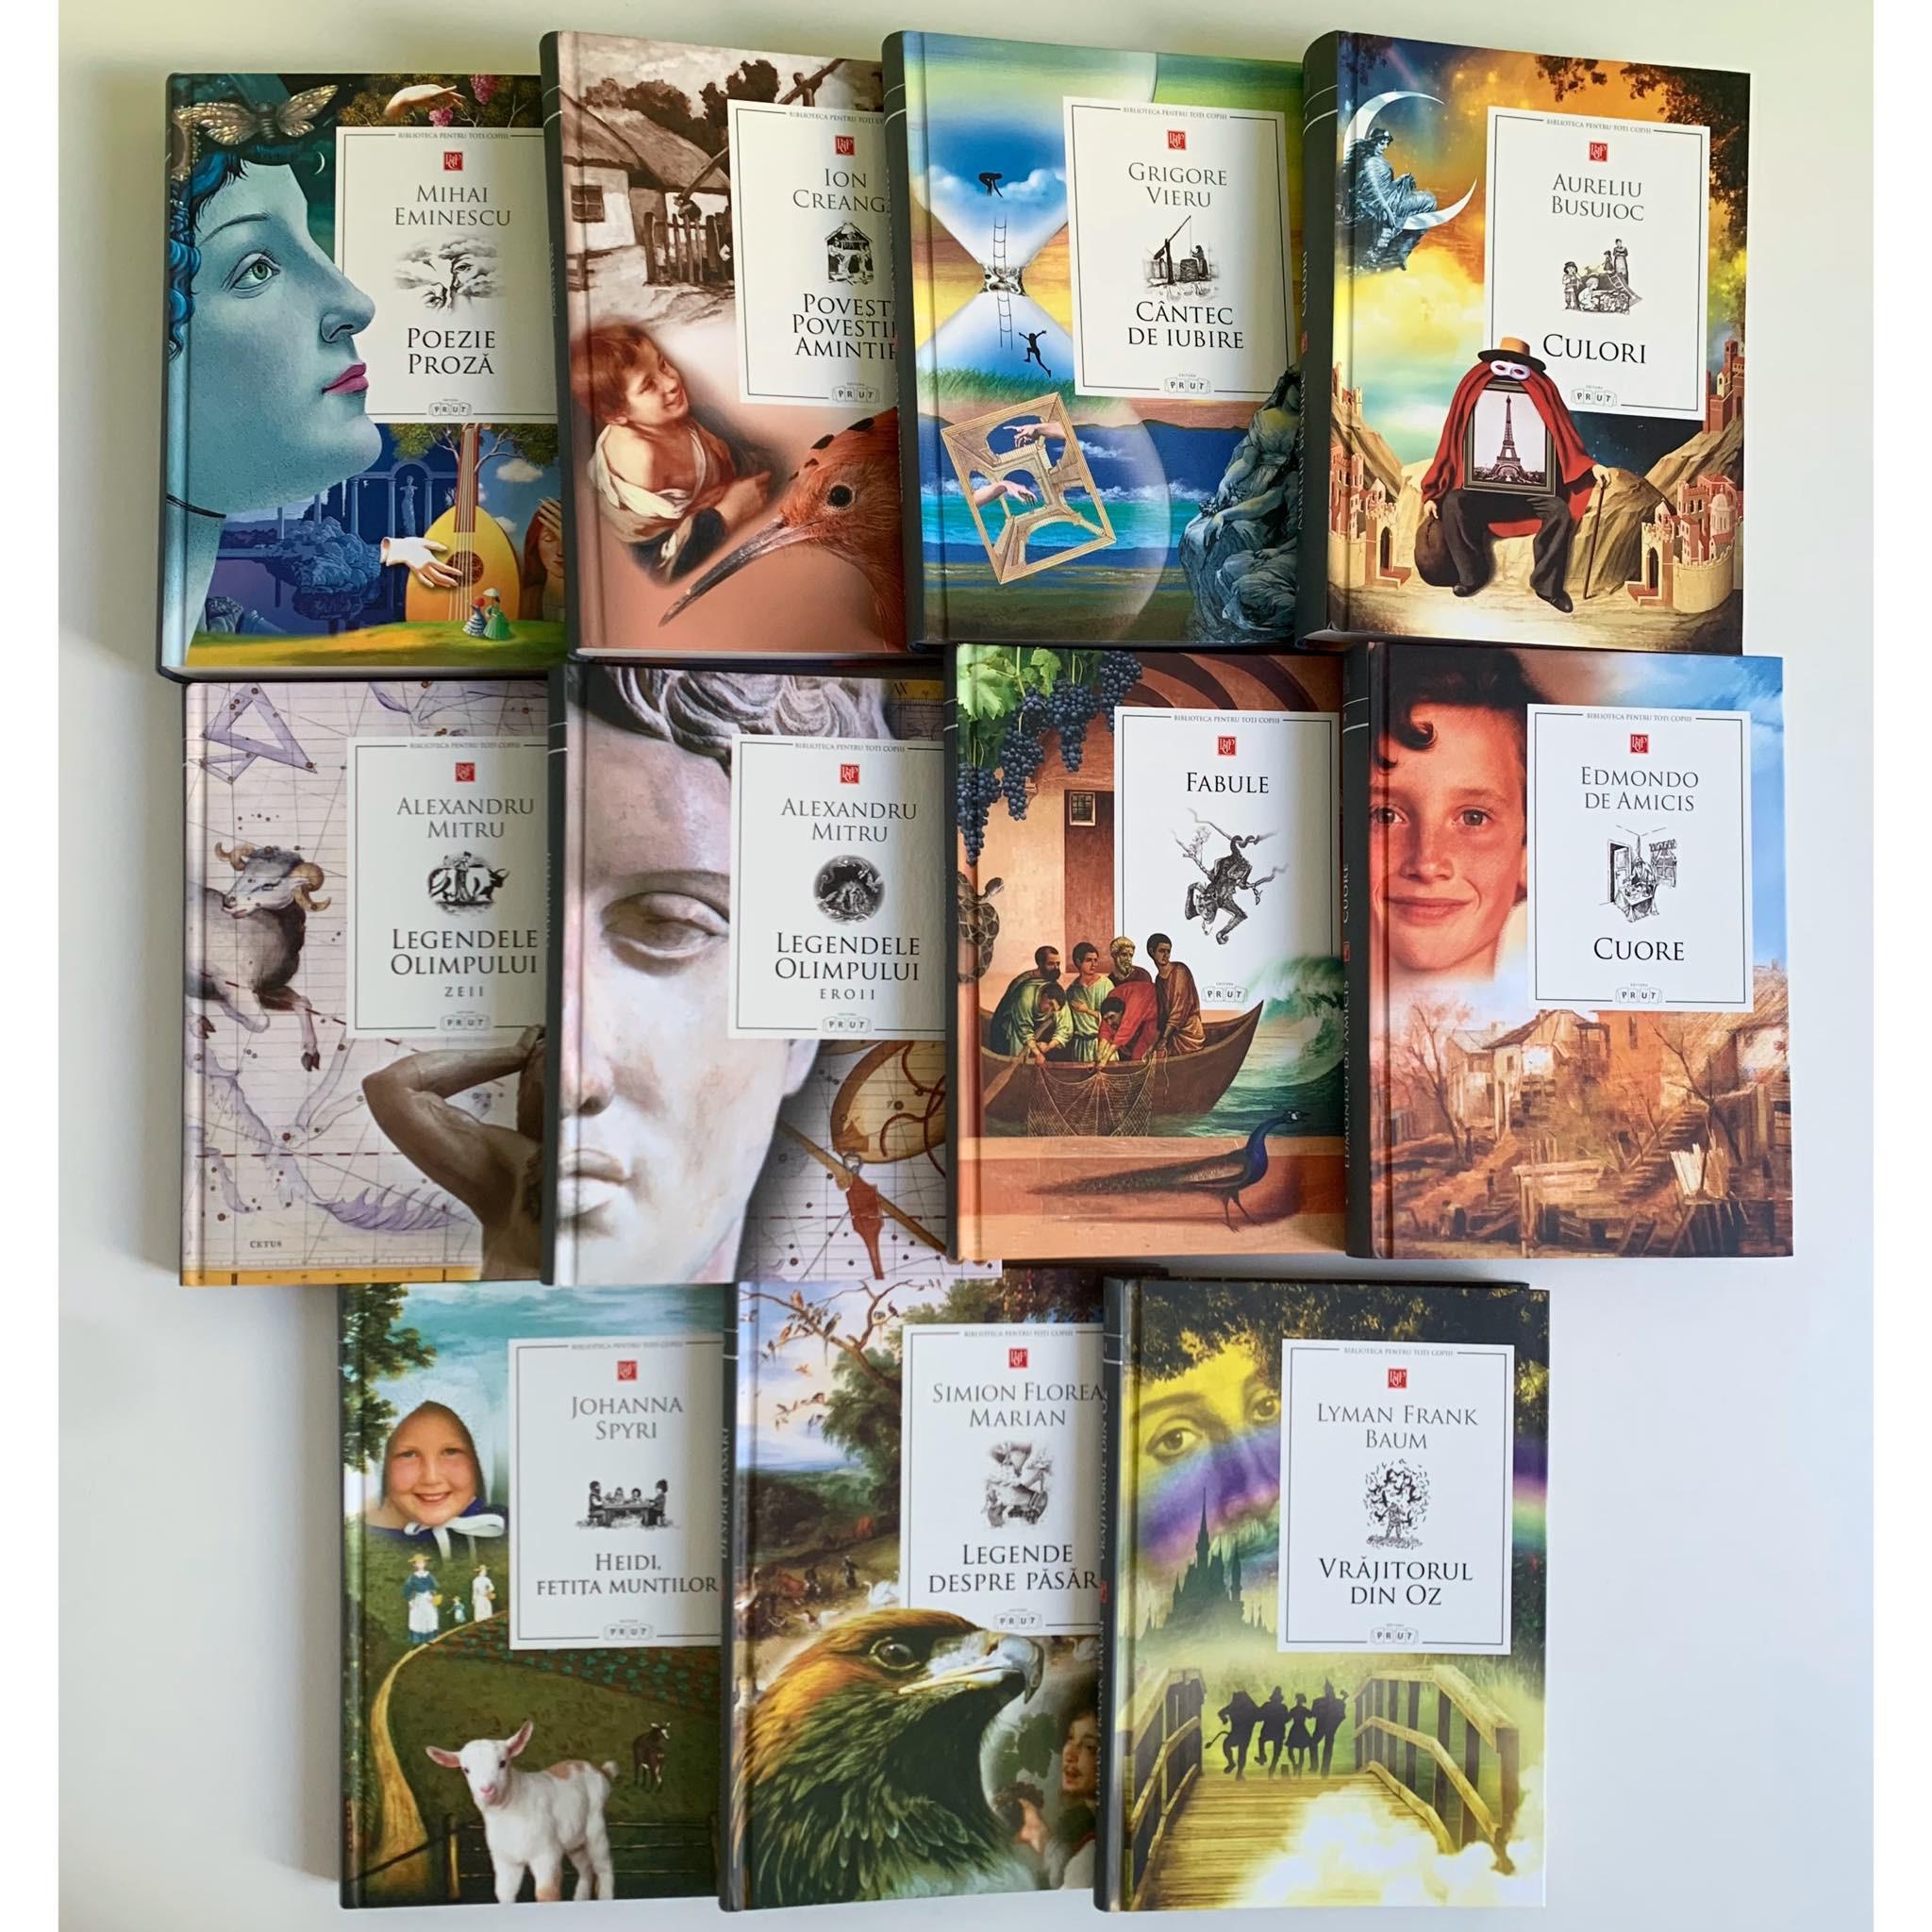 Pachet Promoțional cu 11 cărți din Biblioteca pentru toți copiii